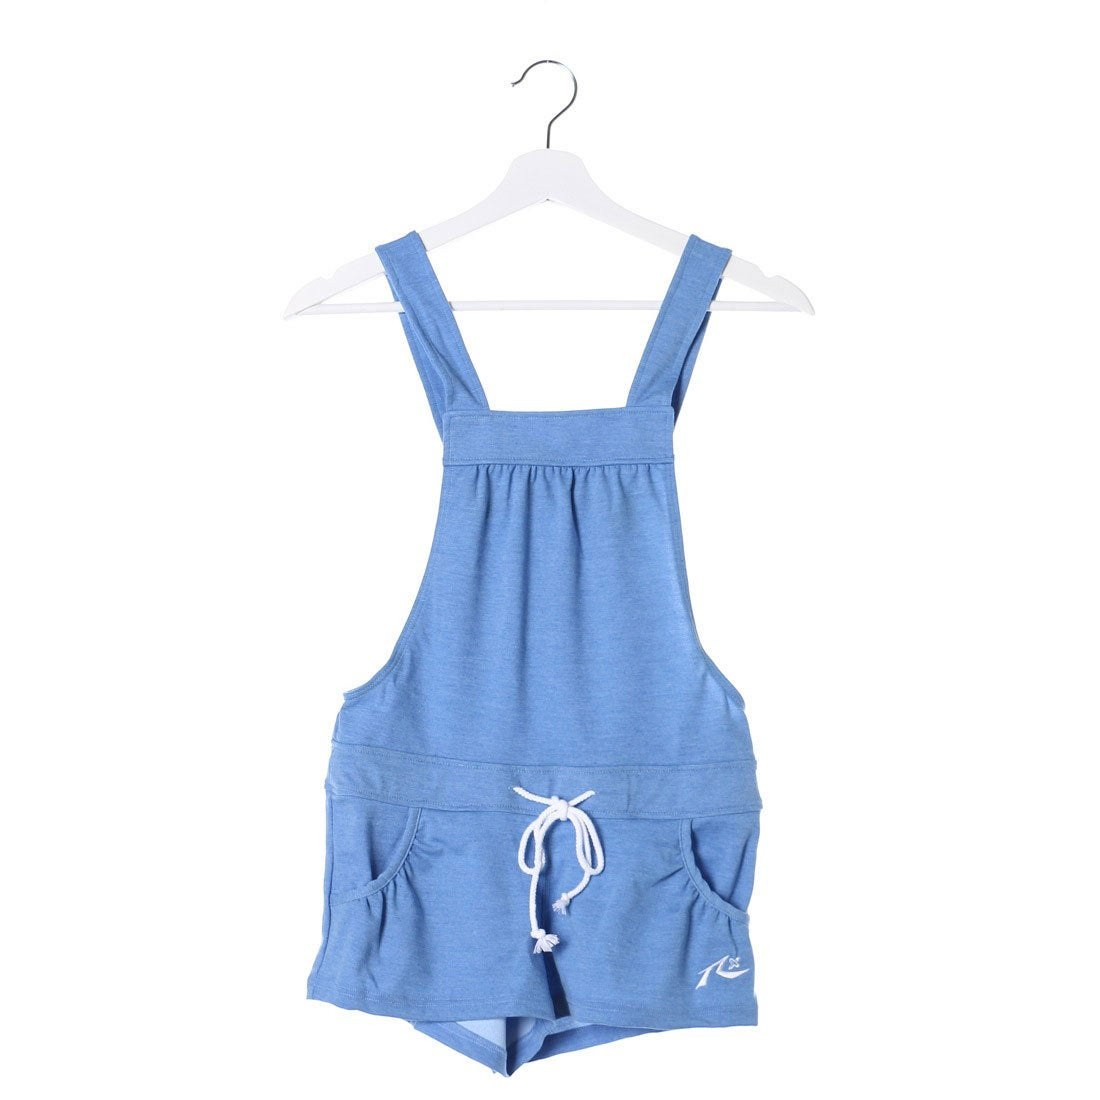 ロコンド 靴とファッションの通販サイト【アウトレット】ラスティ RUSTY 3点セットビキニ 935692 ピンク